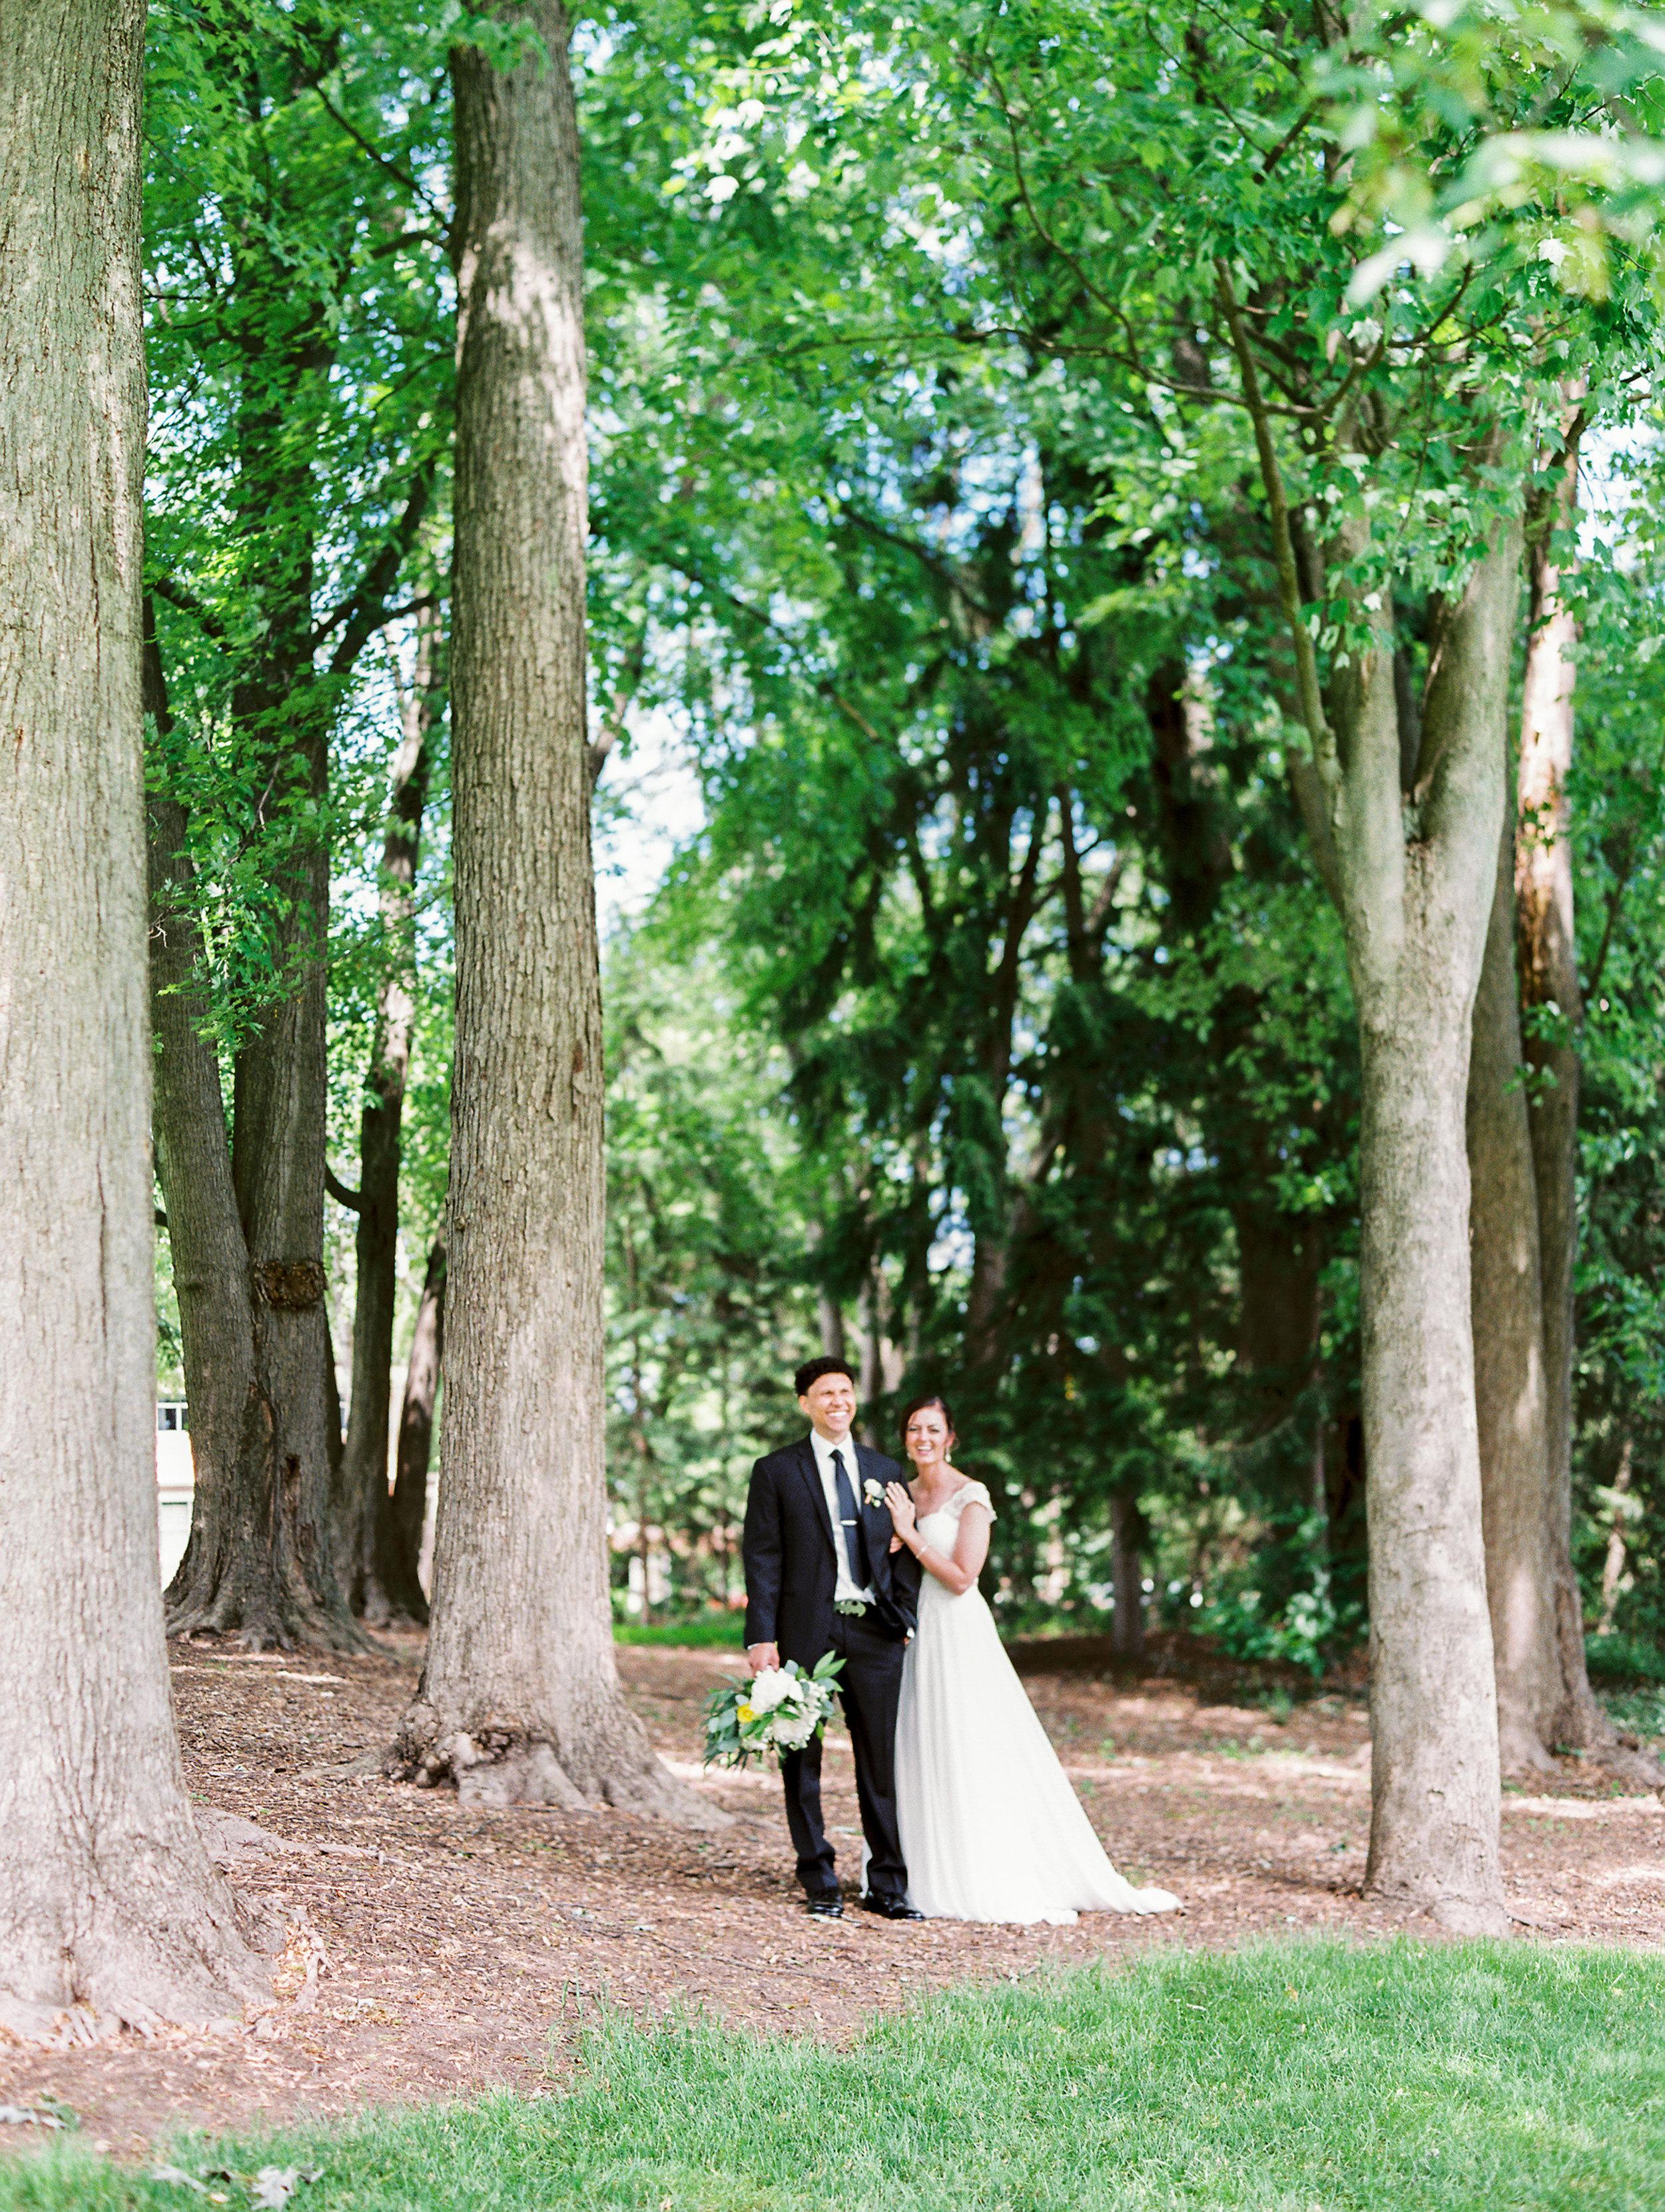 Julius+Wedding+BridalPartyf-55.jpg